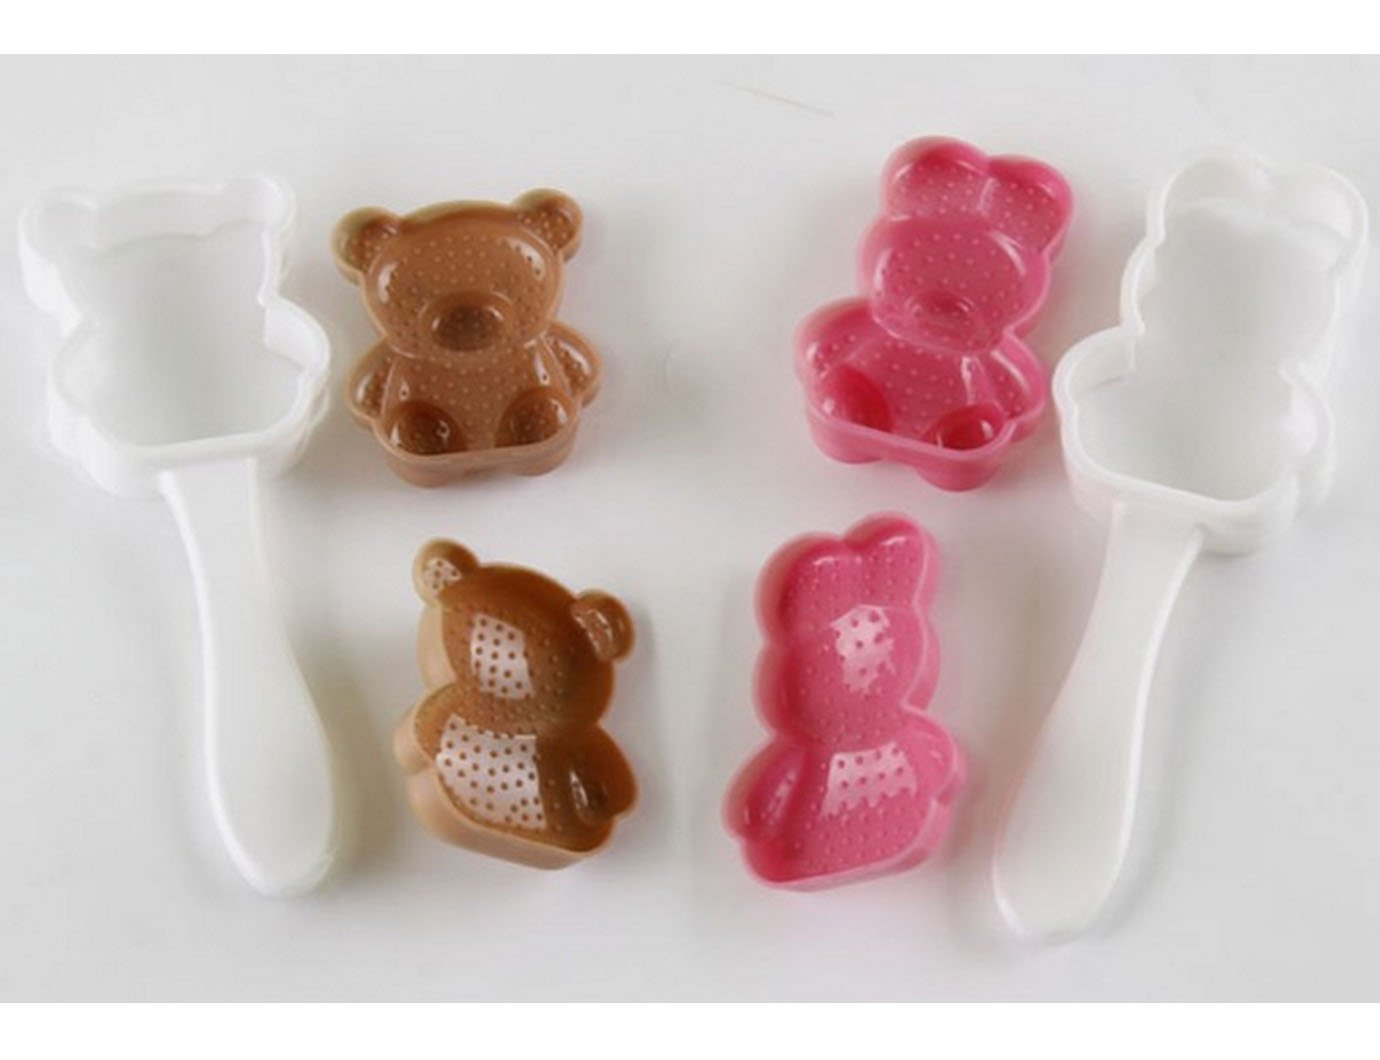 cartoon taglia unica Millya a forma di coniglio orso sushi Maker stampo palla di riso onigiri stampo 3D Benta lunch making Accessories